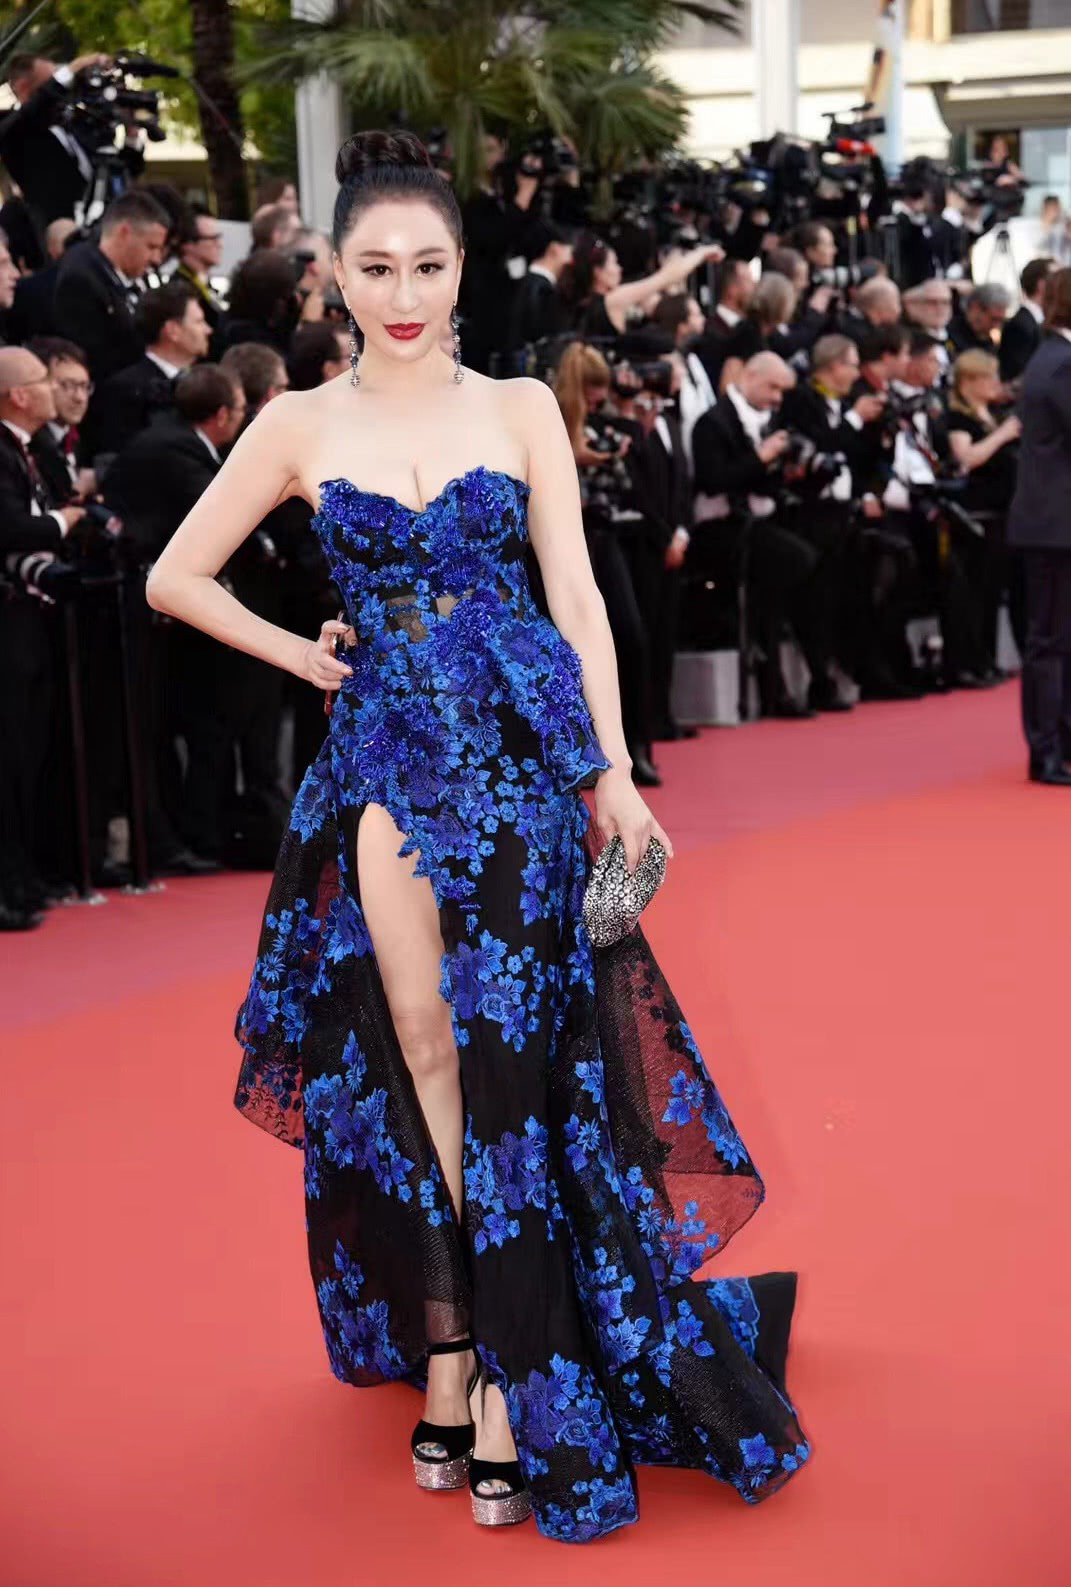 Hoa hậu Trung Quốc cố tình ngã trào ngực tại Cannes được chào đón không kém gì Phạm Băng Băng - Ảnh 1.